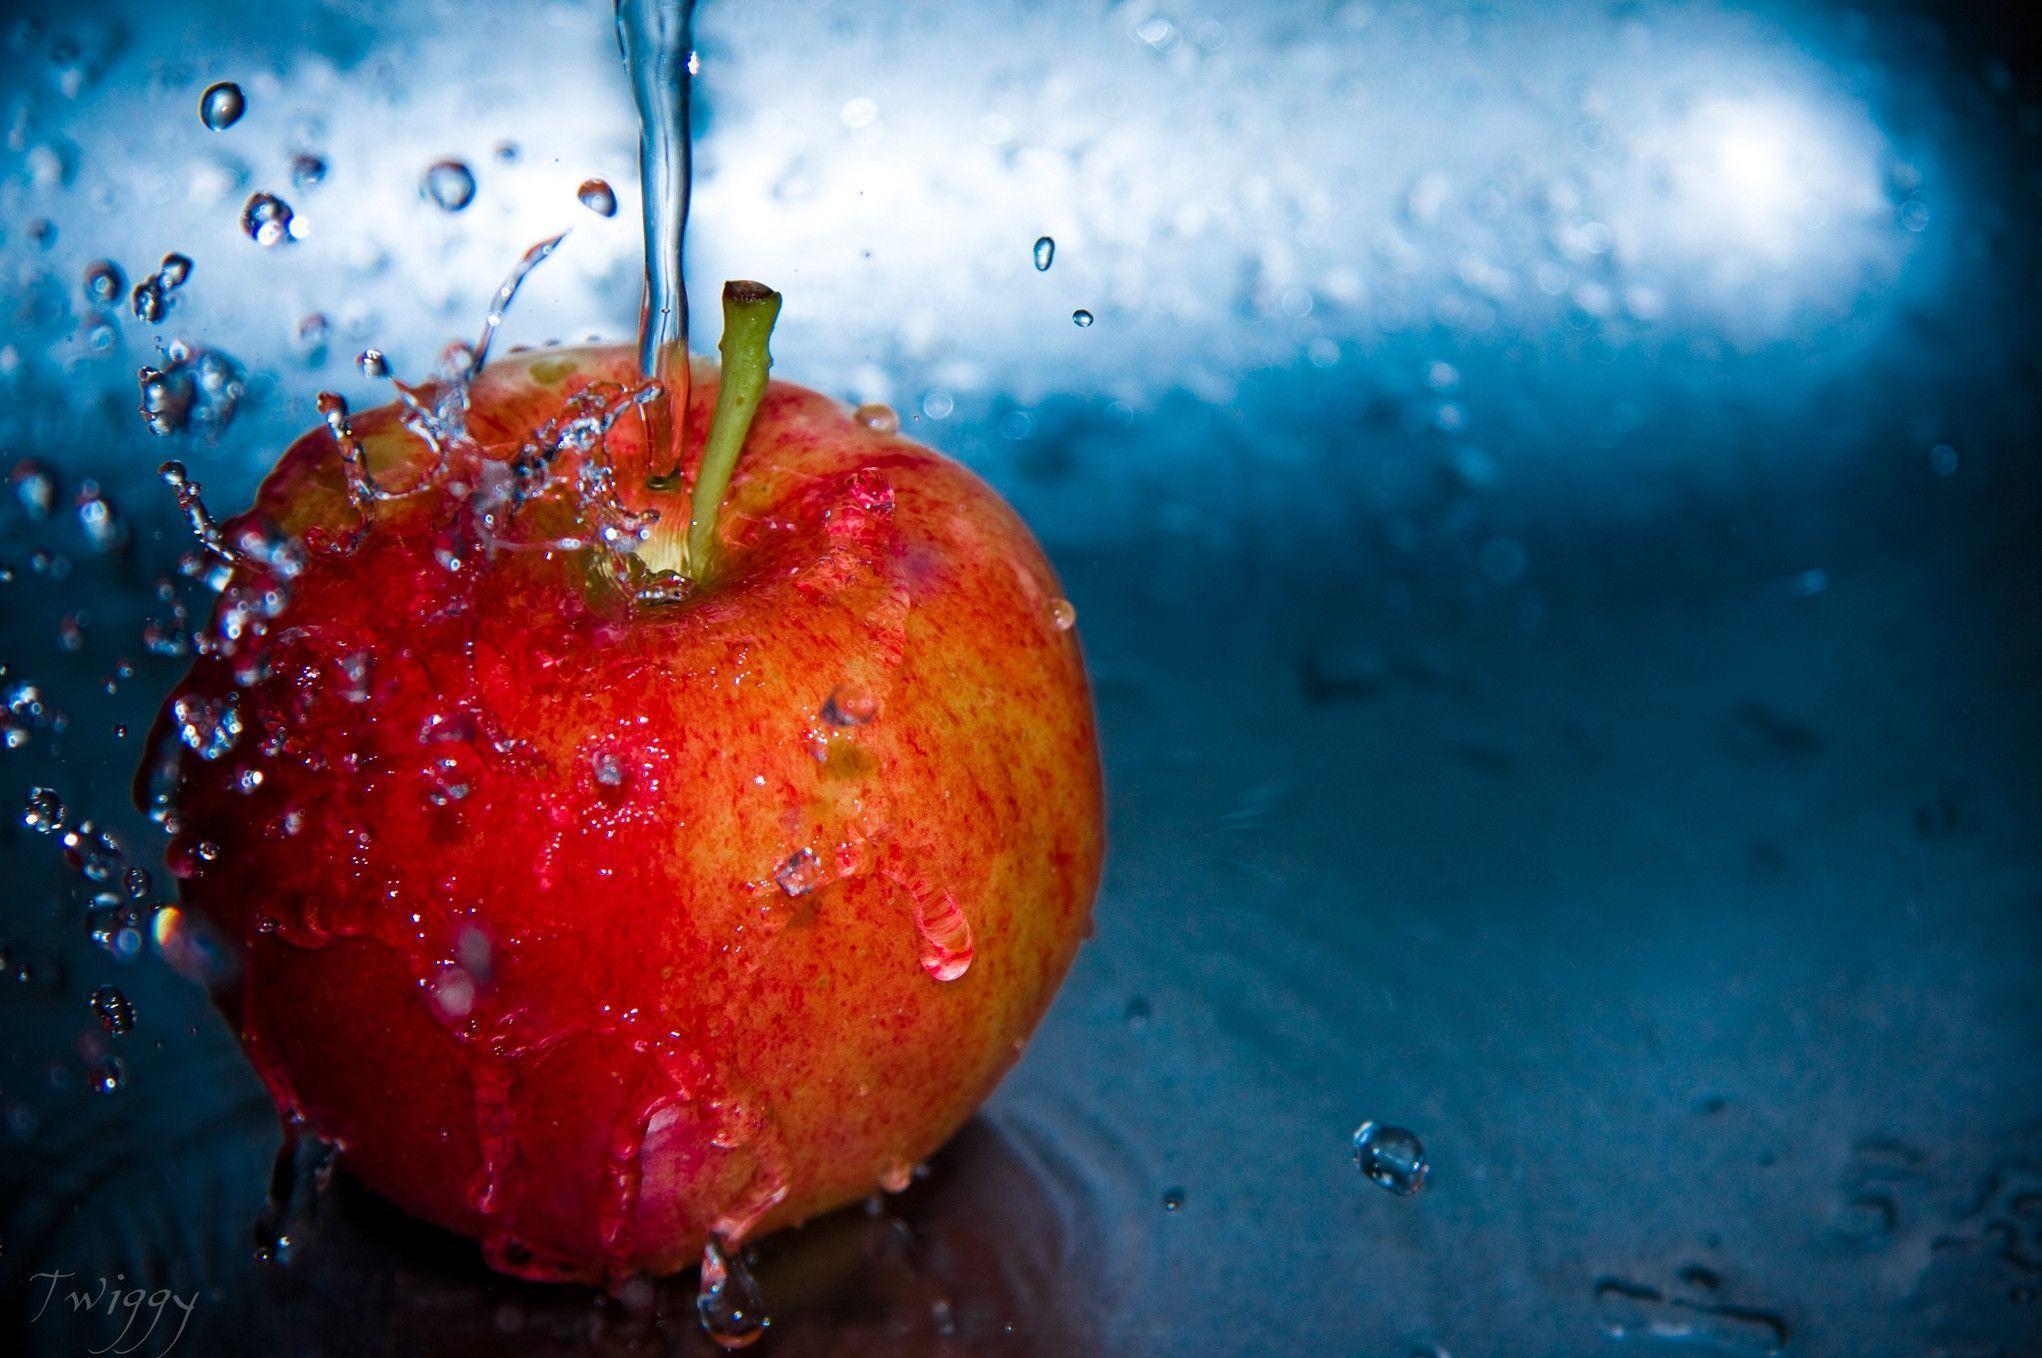 Apple Fruit Water Wallpaper HD